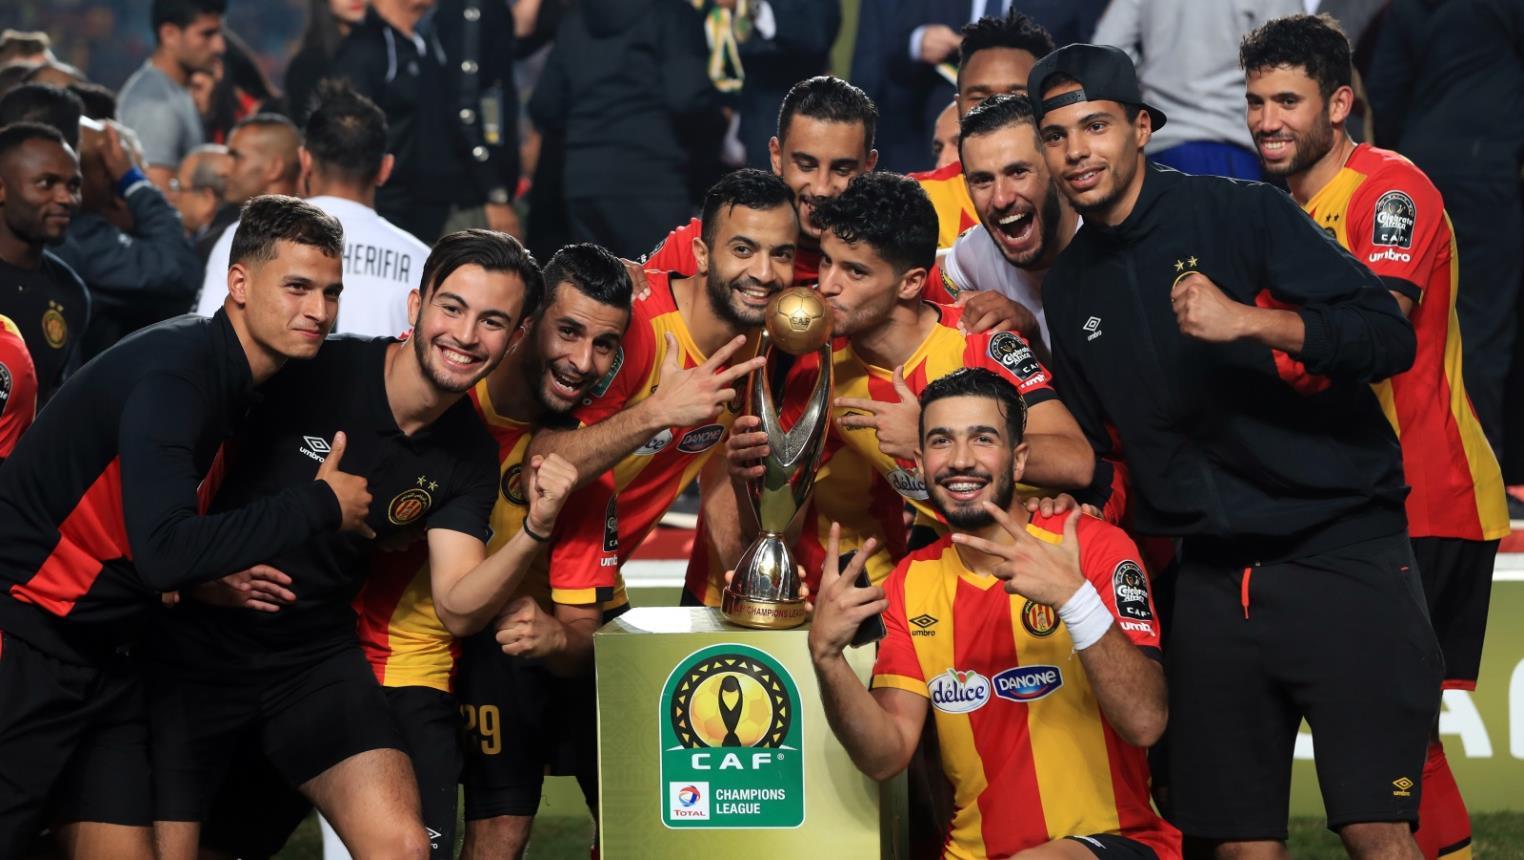 أبناء سويقة يعادلون رقم الأهلي في دوري أبطال أفريقيا